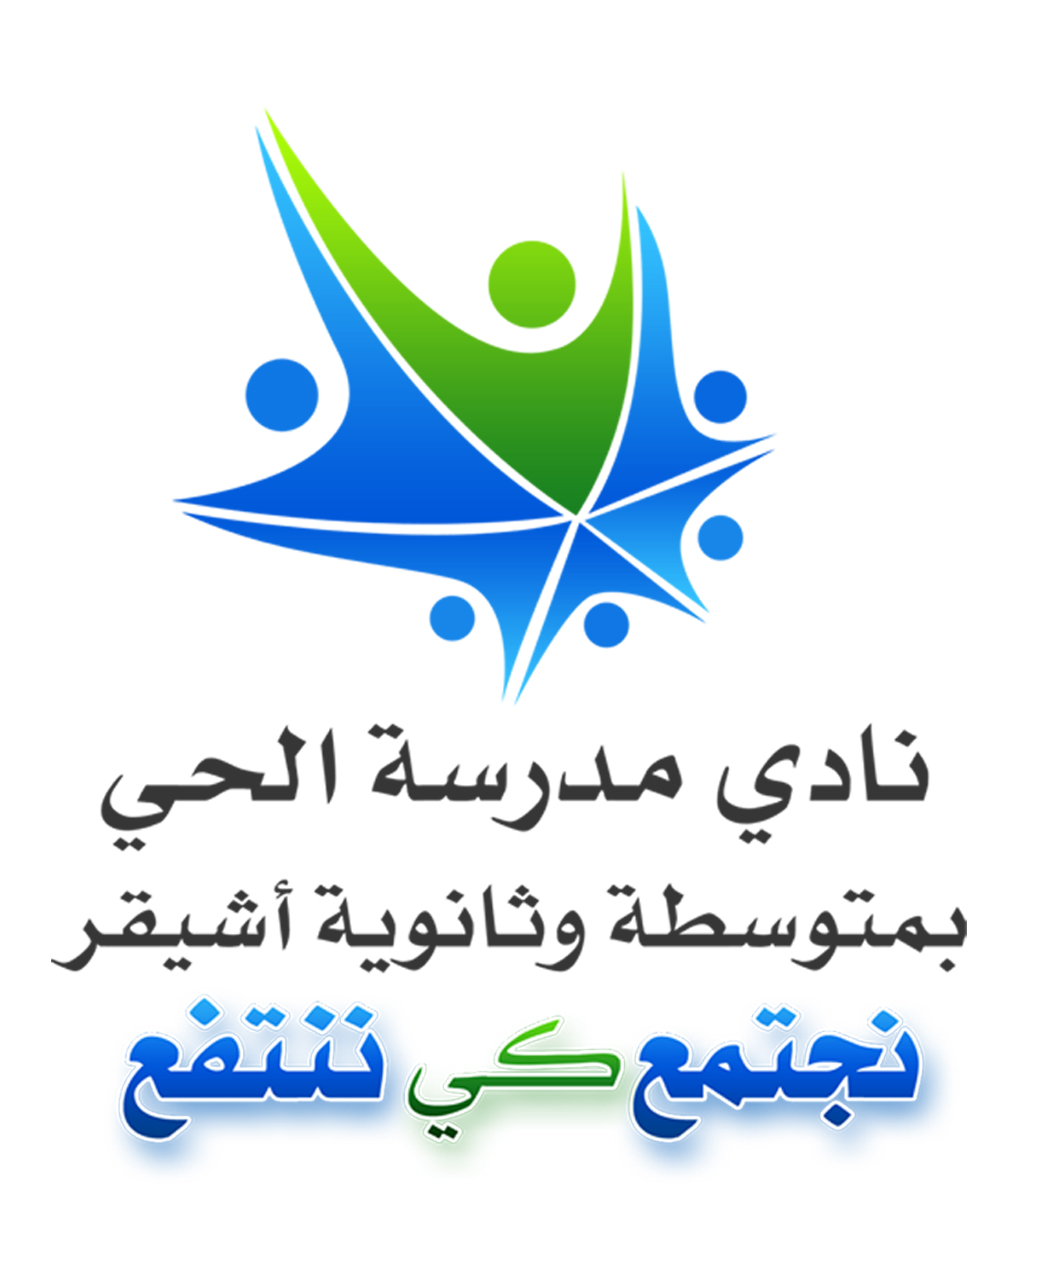 صورة نادي الحي بأشيقر يصدر كتاب برامج وفعاليات النادي لعام ١٤٣٧